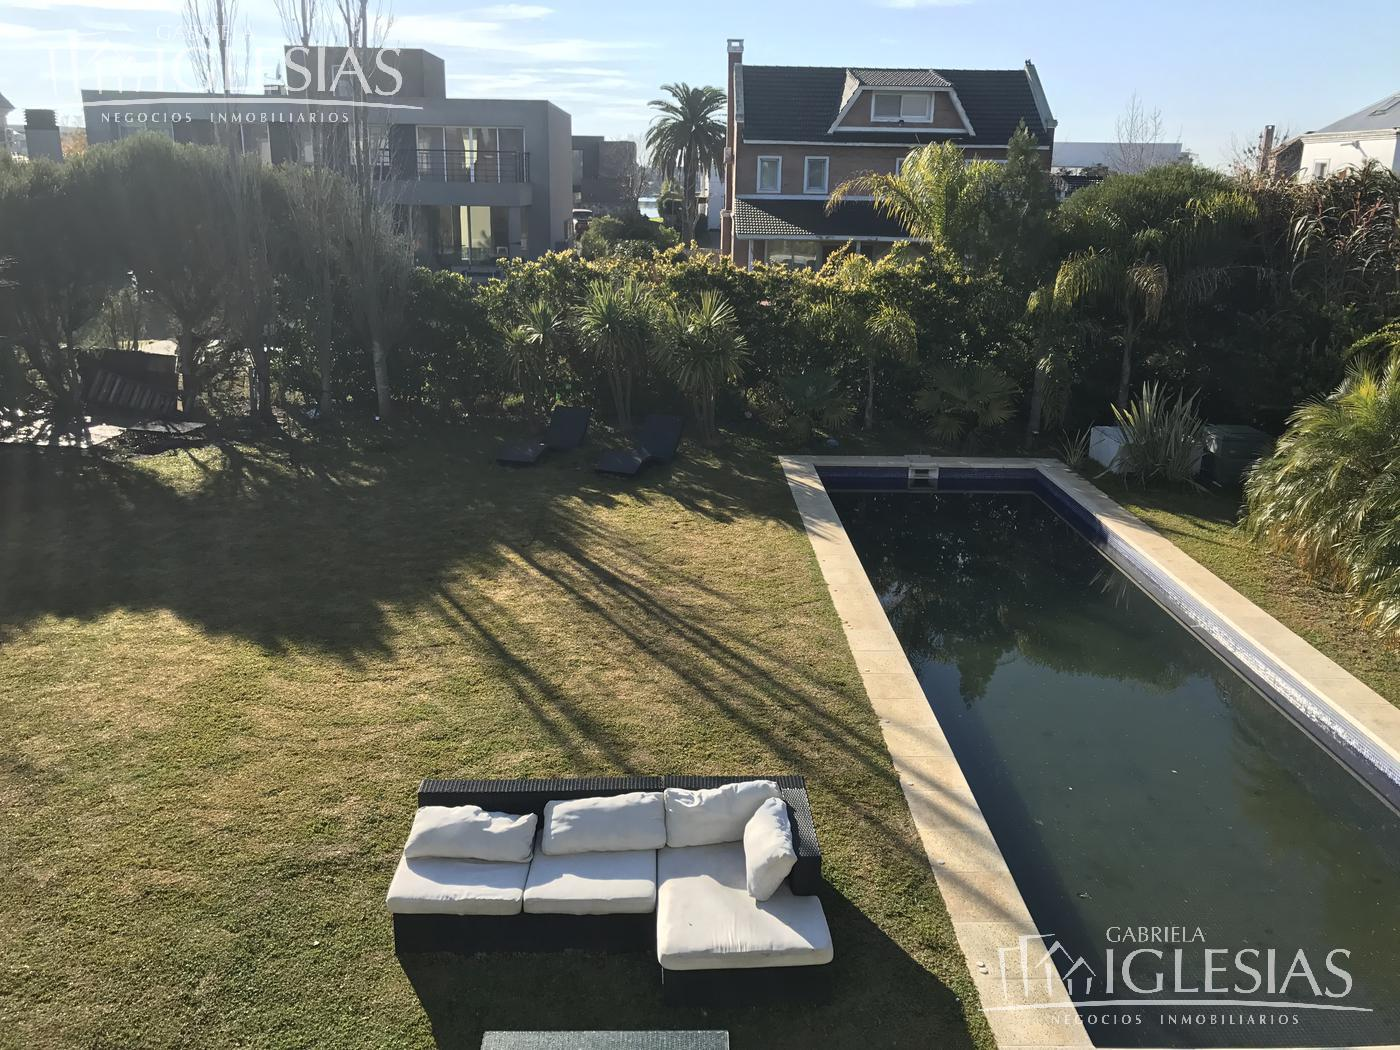 Casa en Venta en Los Castores a Venta - u$s 695.000